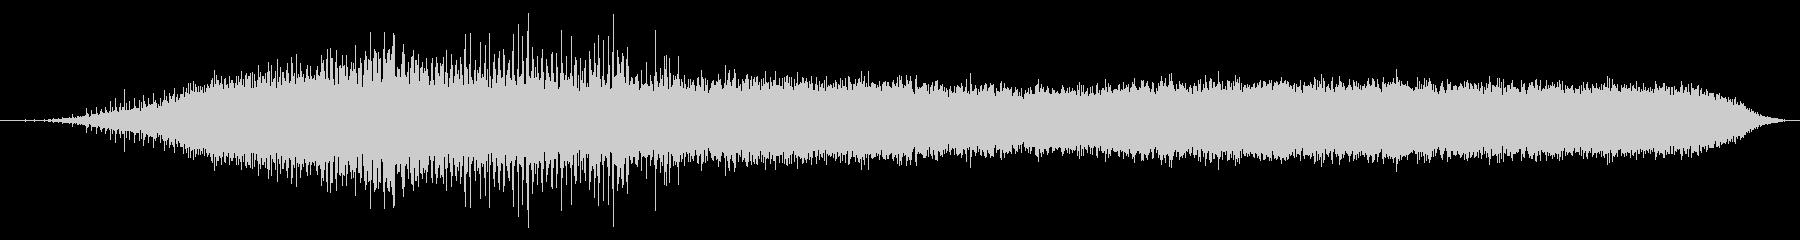 ベル206Bジェットレンジャー:E...の未再生の波形